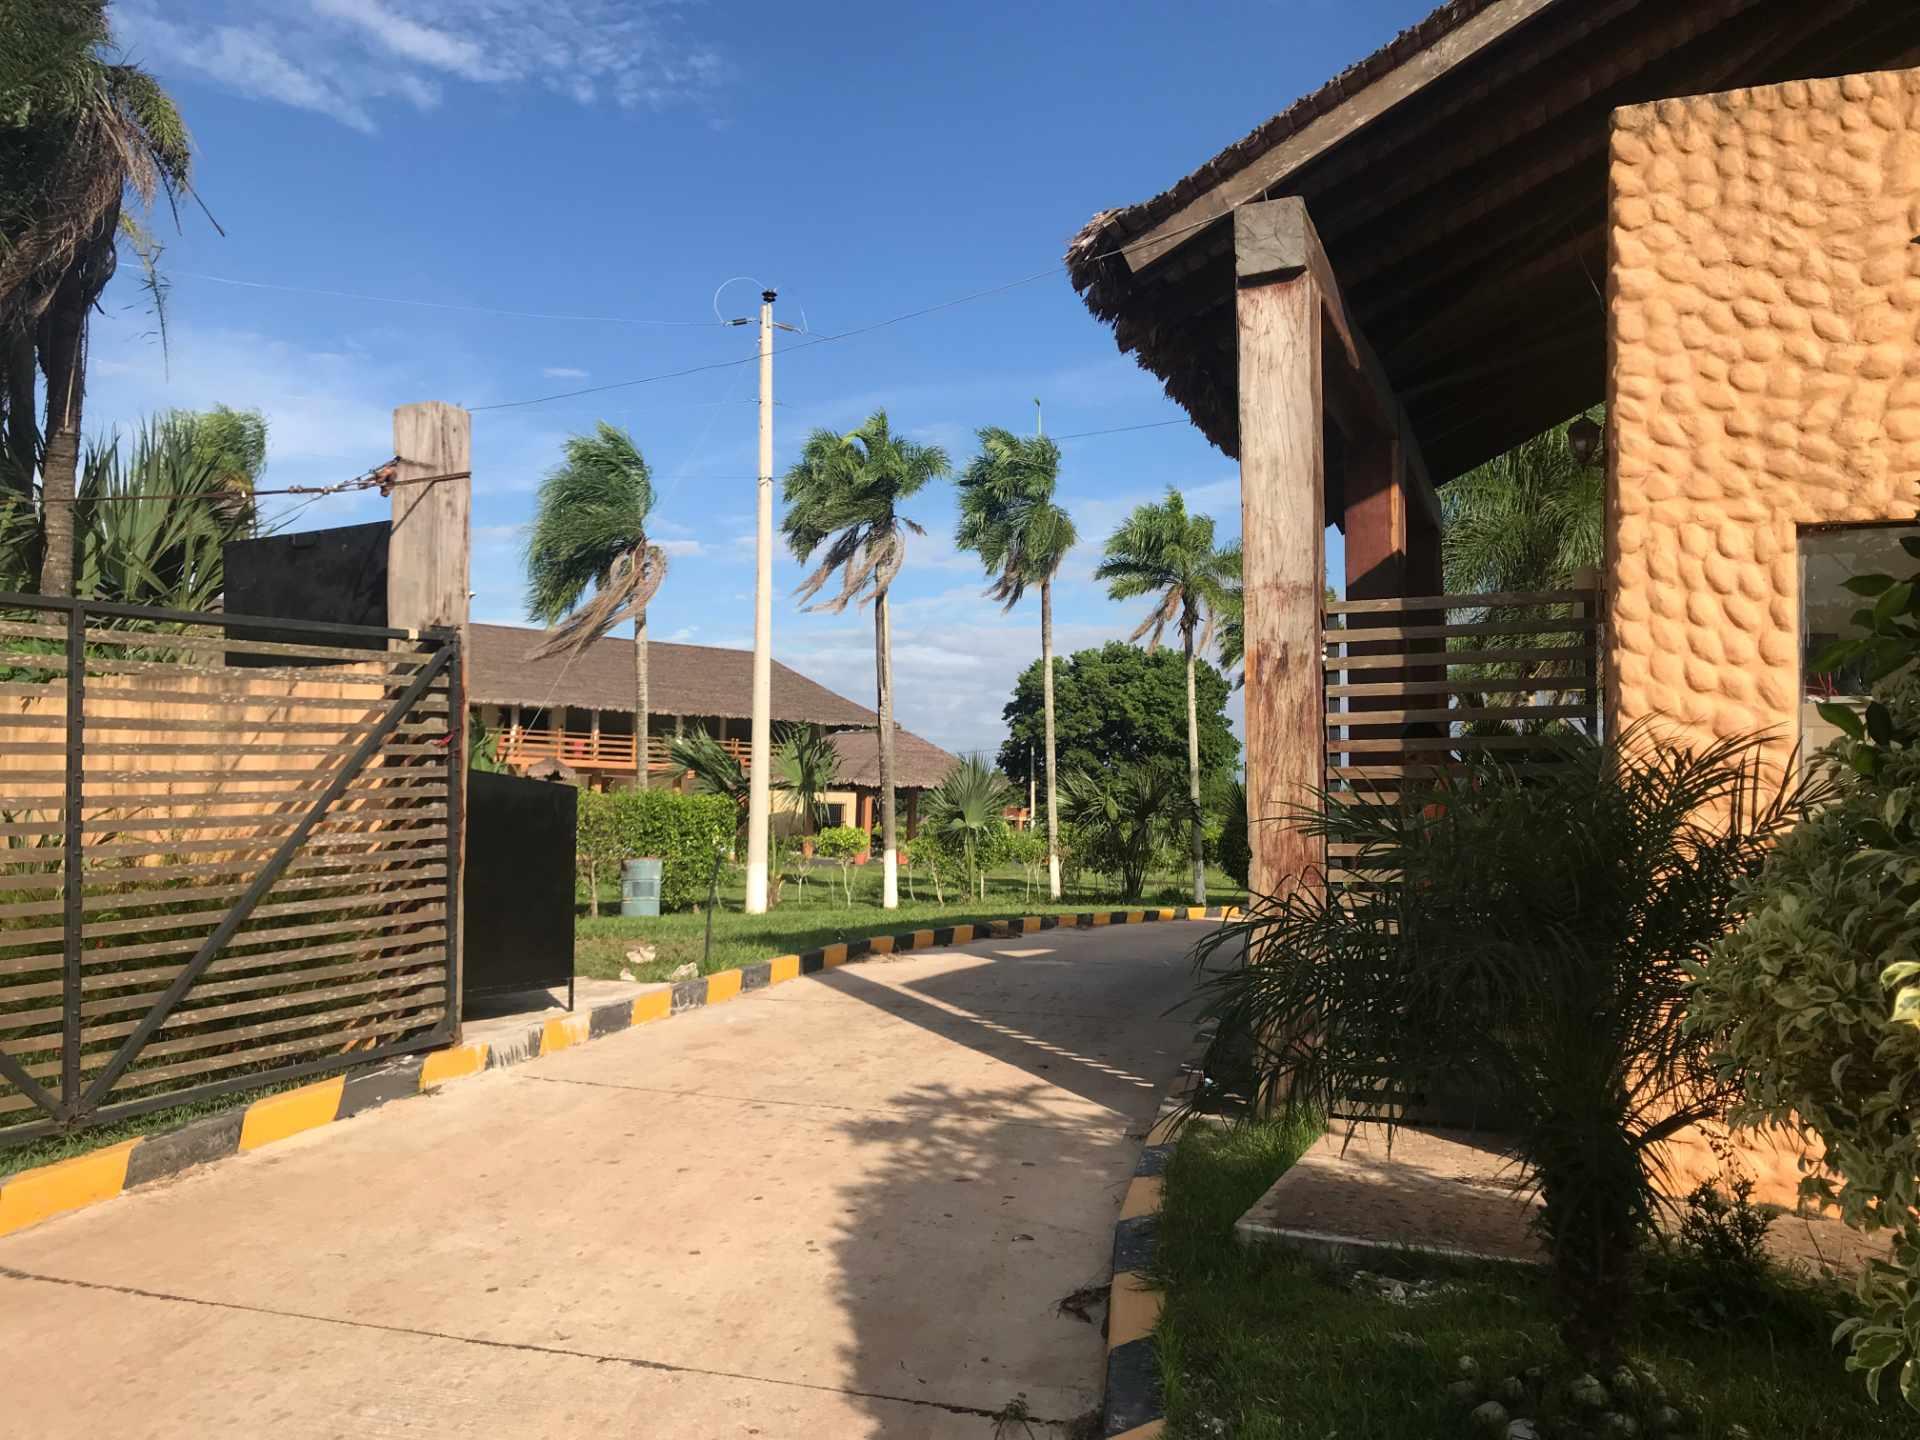 Terreno en Venta Complejo Campestre Norte, Km 23 Carretera al Norte.  Foto 16